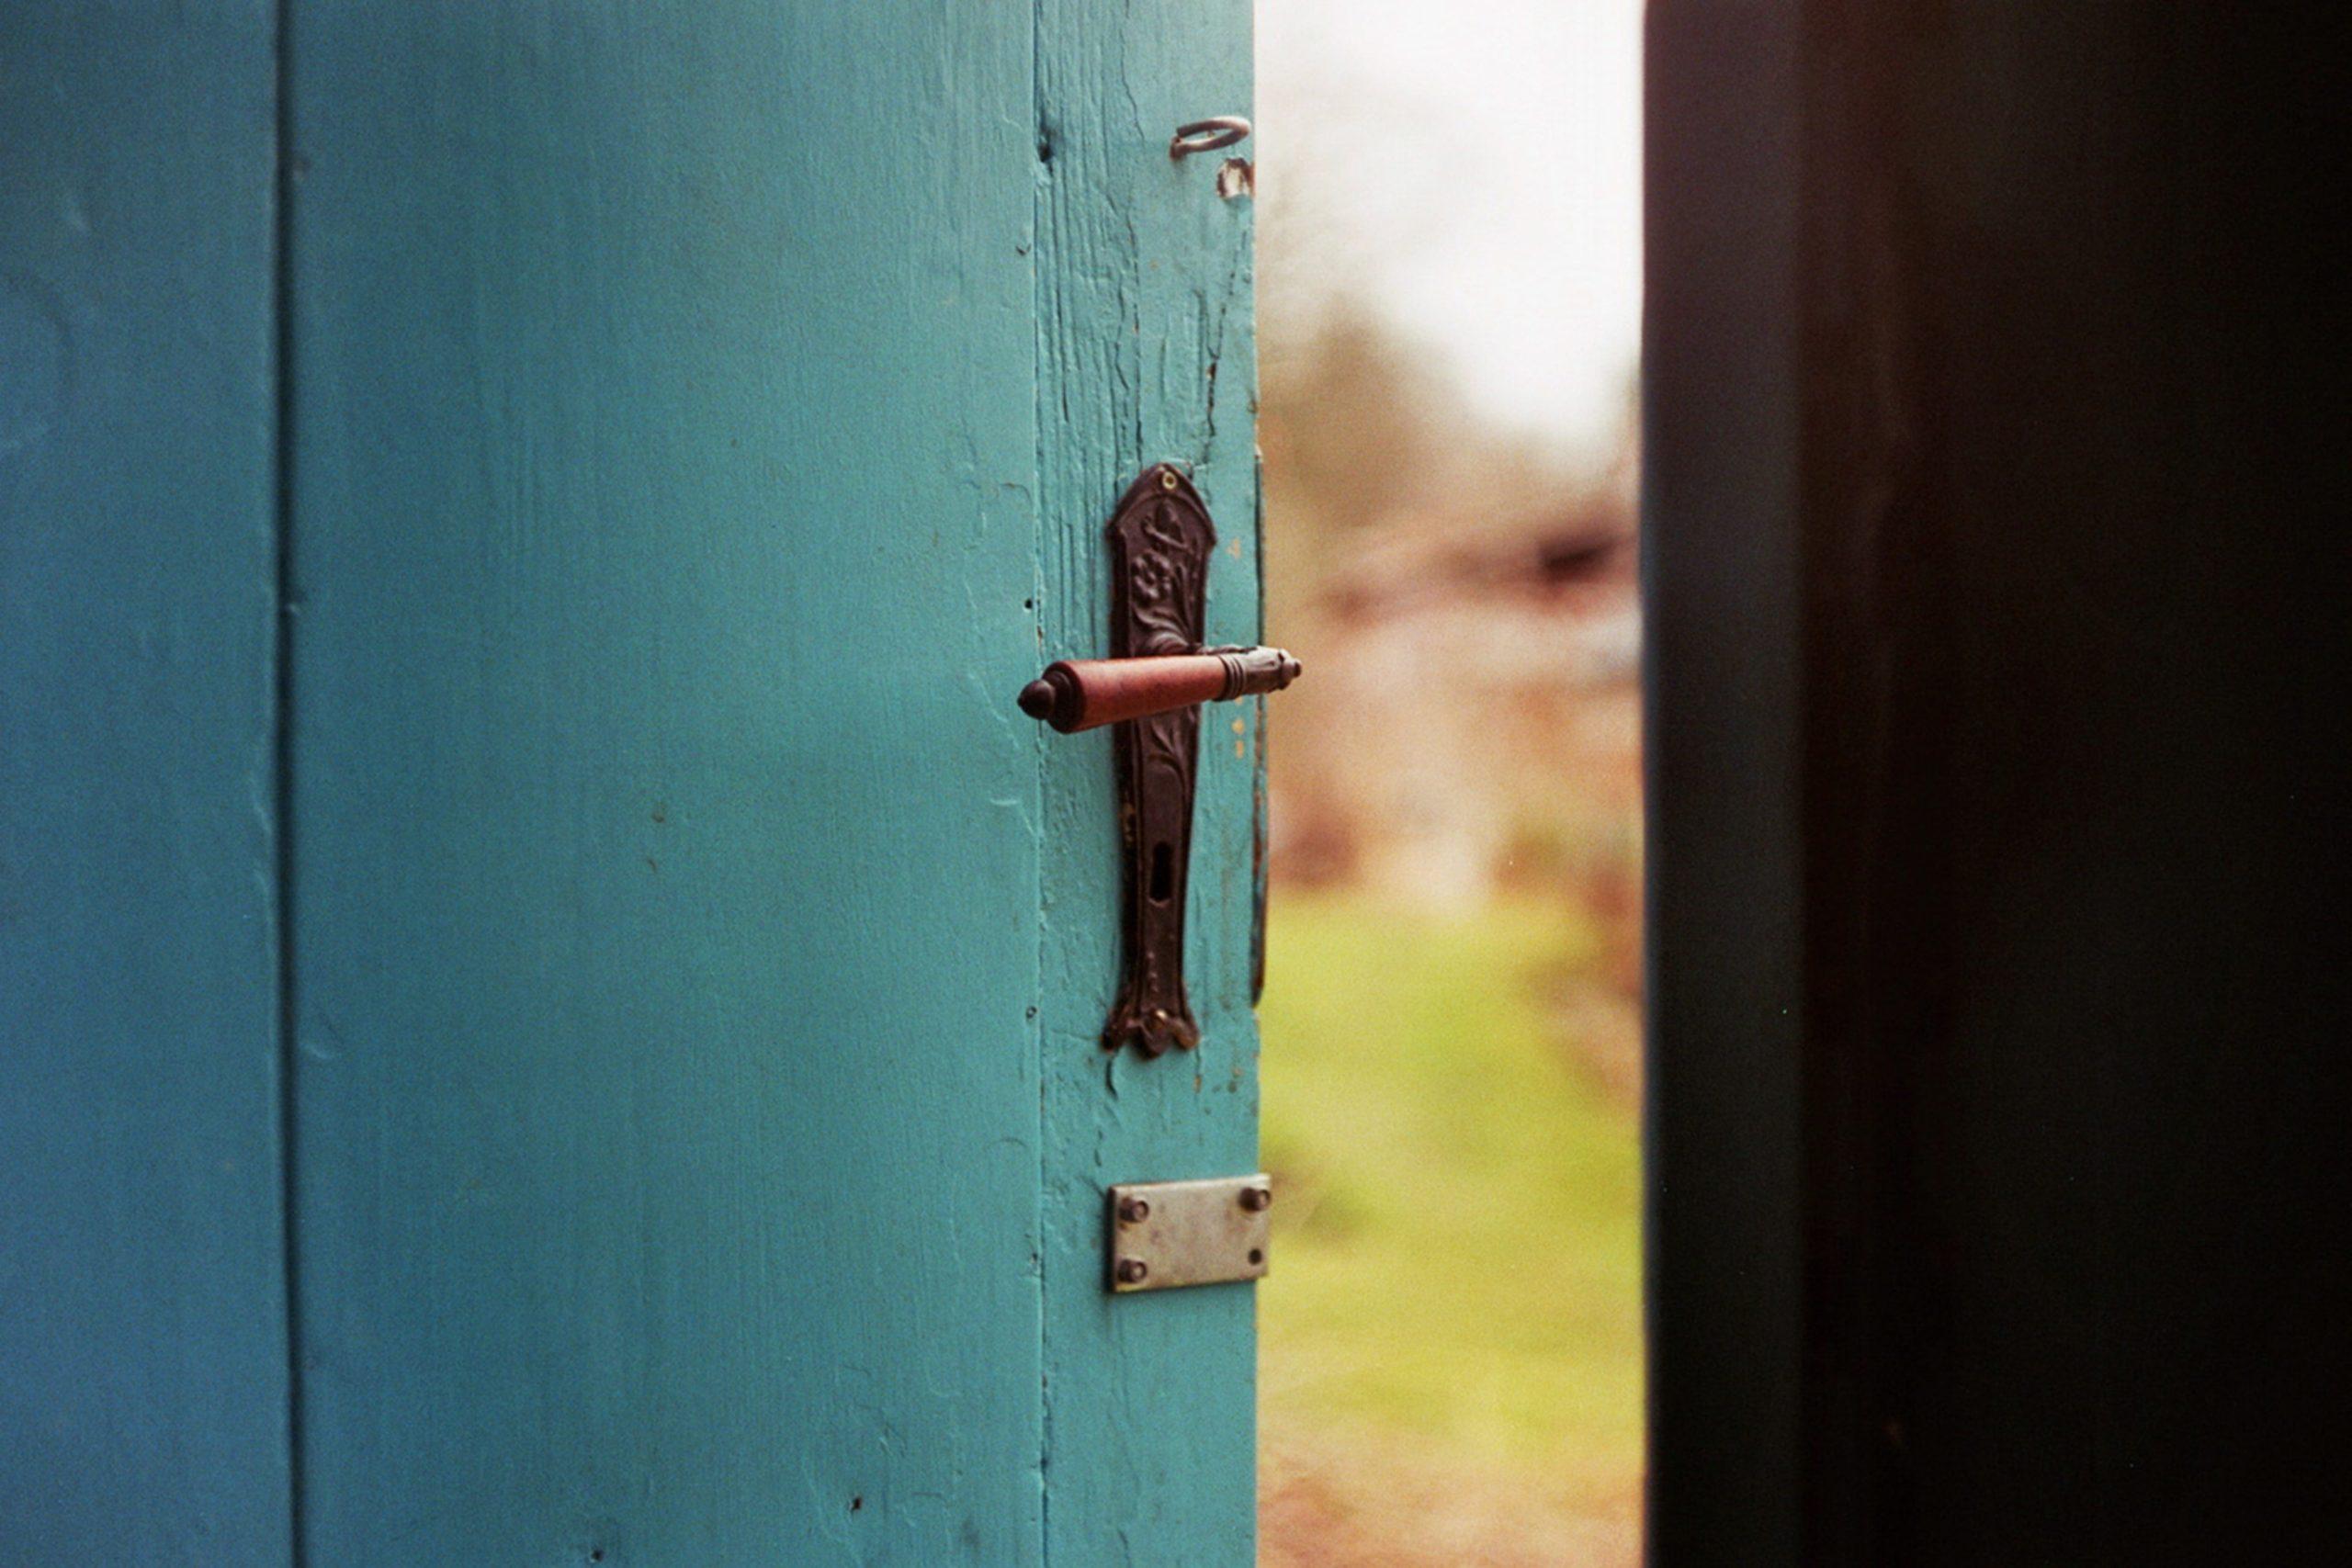 Door open a crack